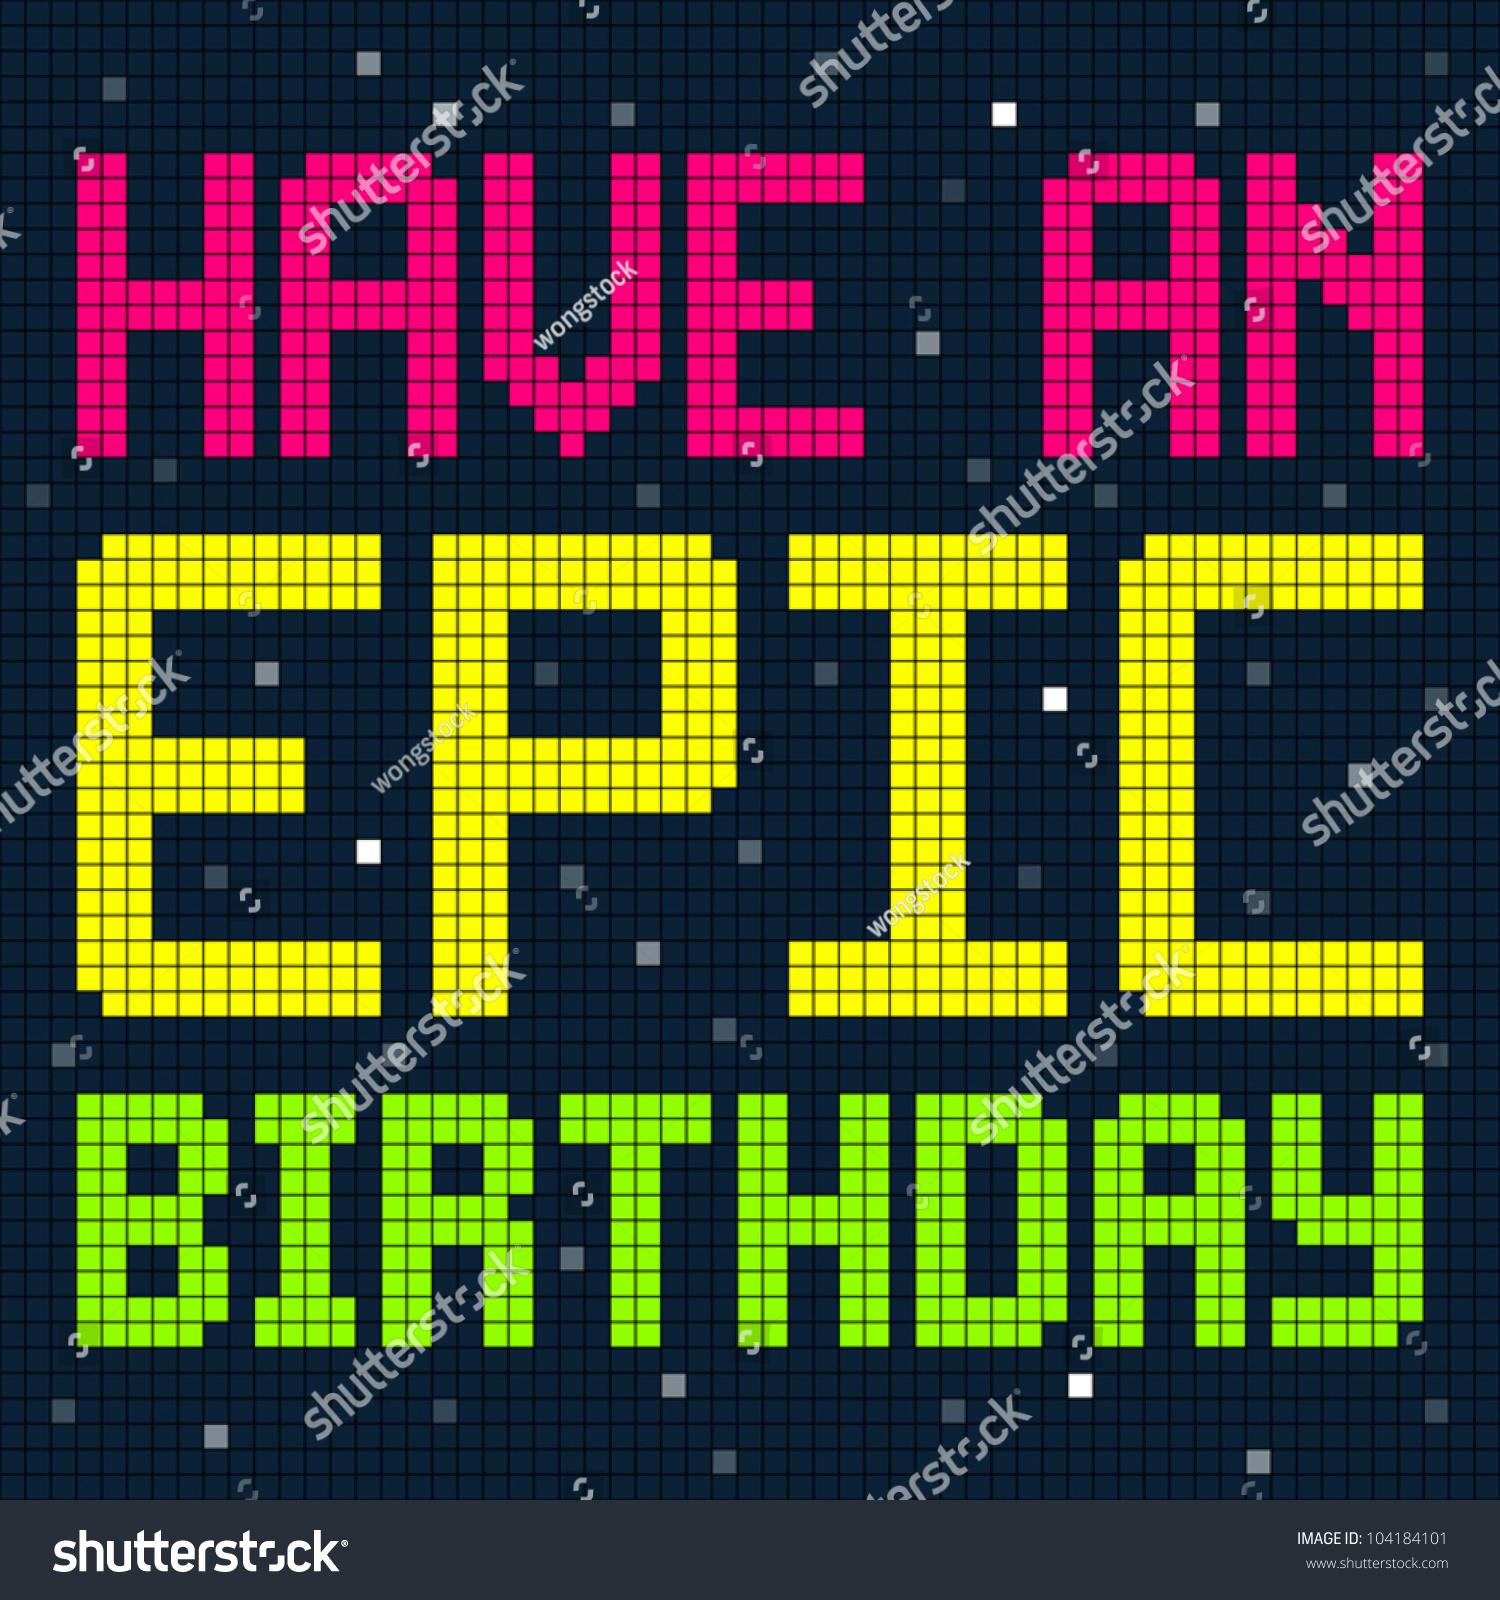 Image Vectorielle De Stock De Pixel Happy Birthday Design